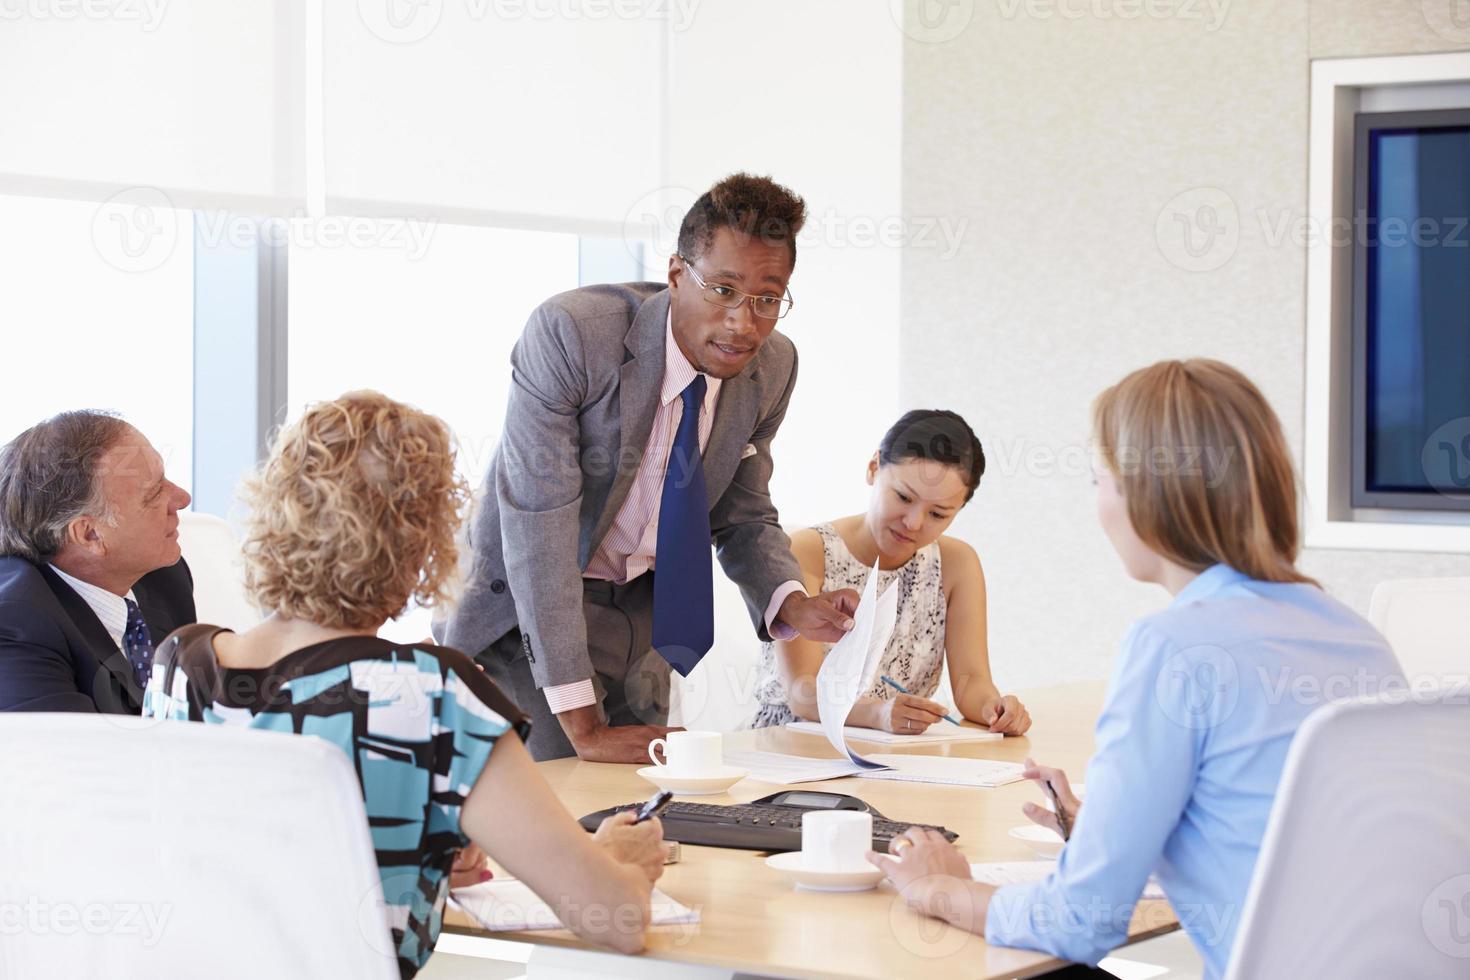 Fünf Geschäftsleute treffen sich im Sitzungssaal foto